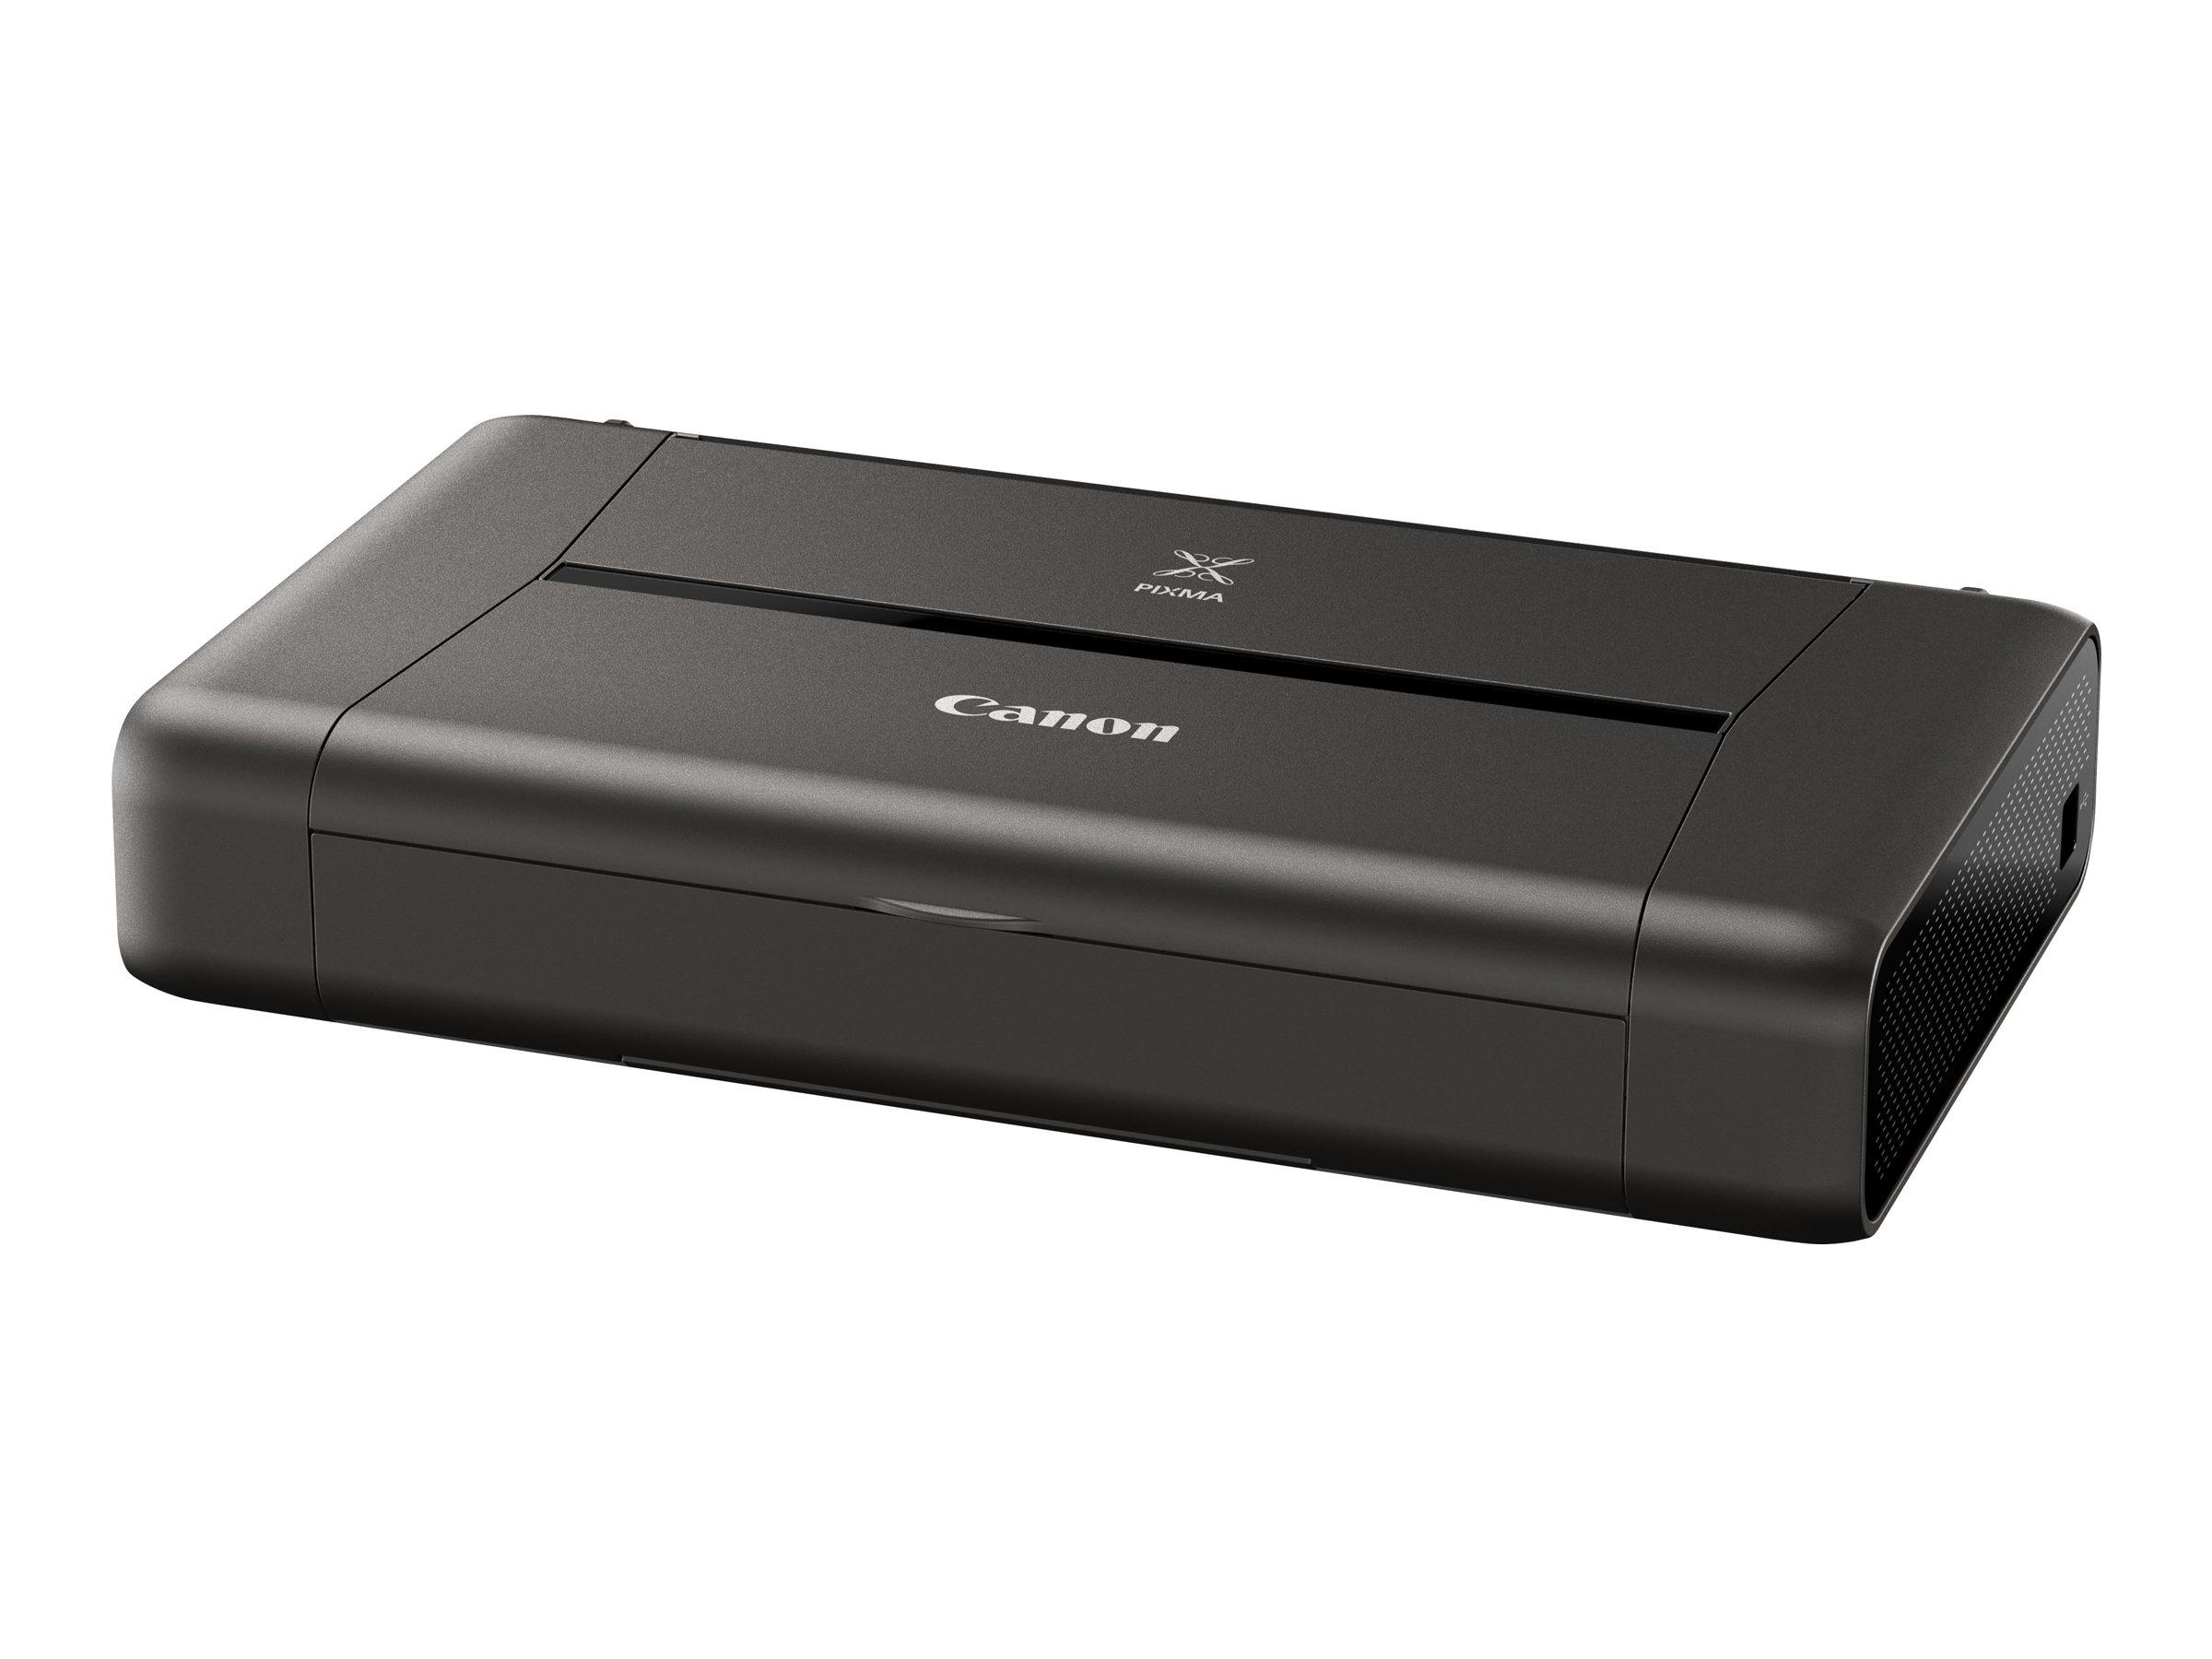 Canon PIXMA iP110 - Drucker - Farbe - Tintenstrahl - A4/Legal - bis zu 9 ipm (einfarbig)/ bis zu 5.8 ipm (Farbe)